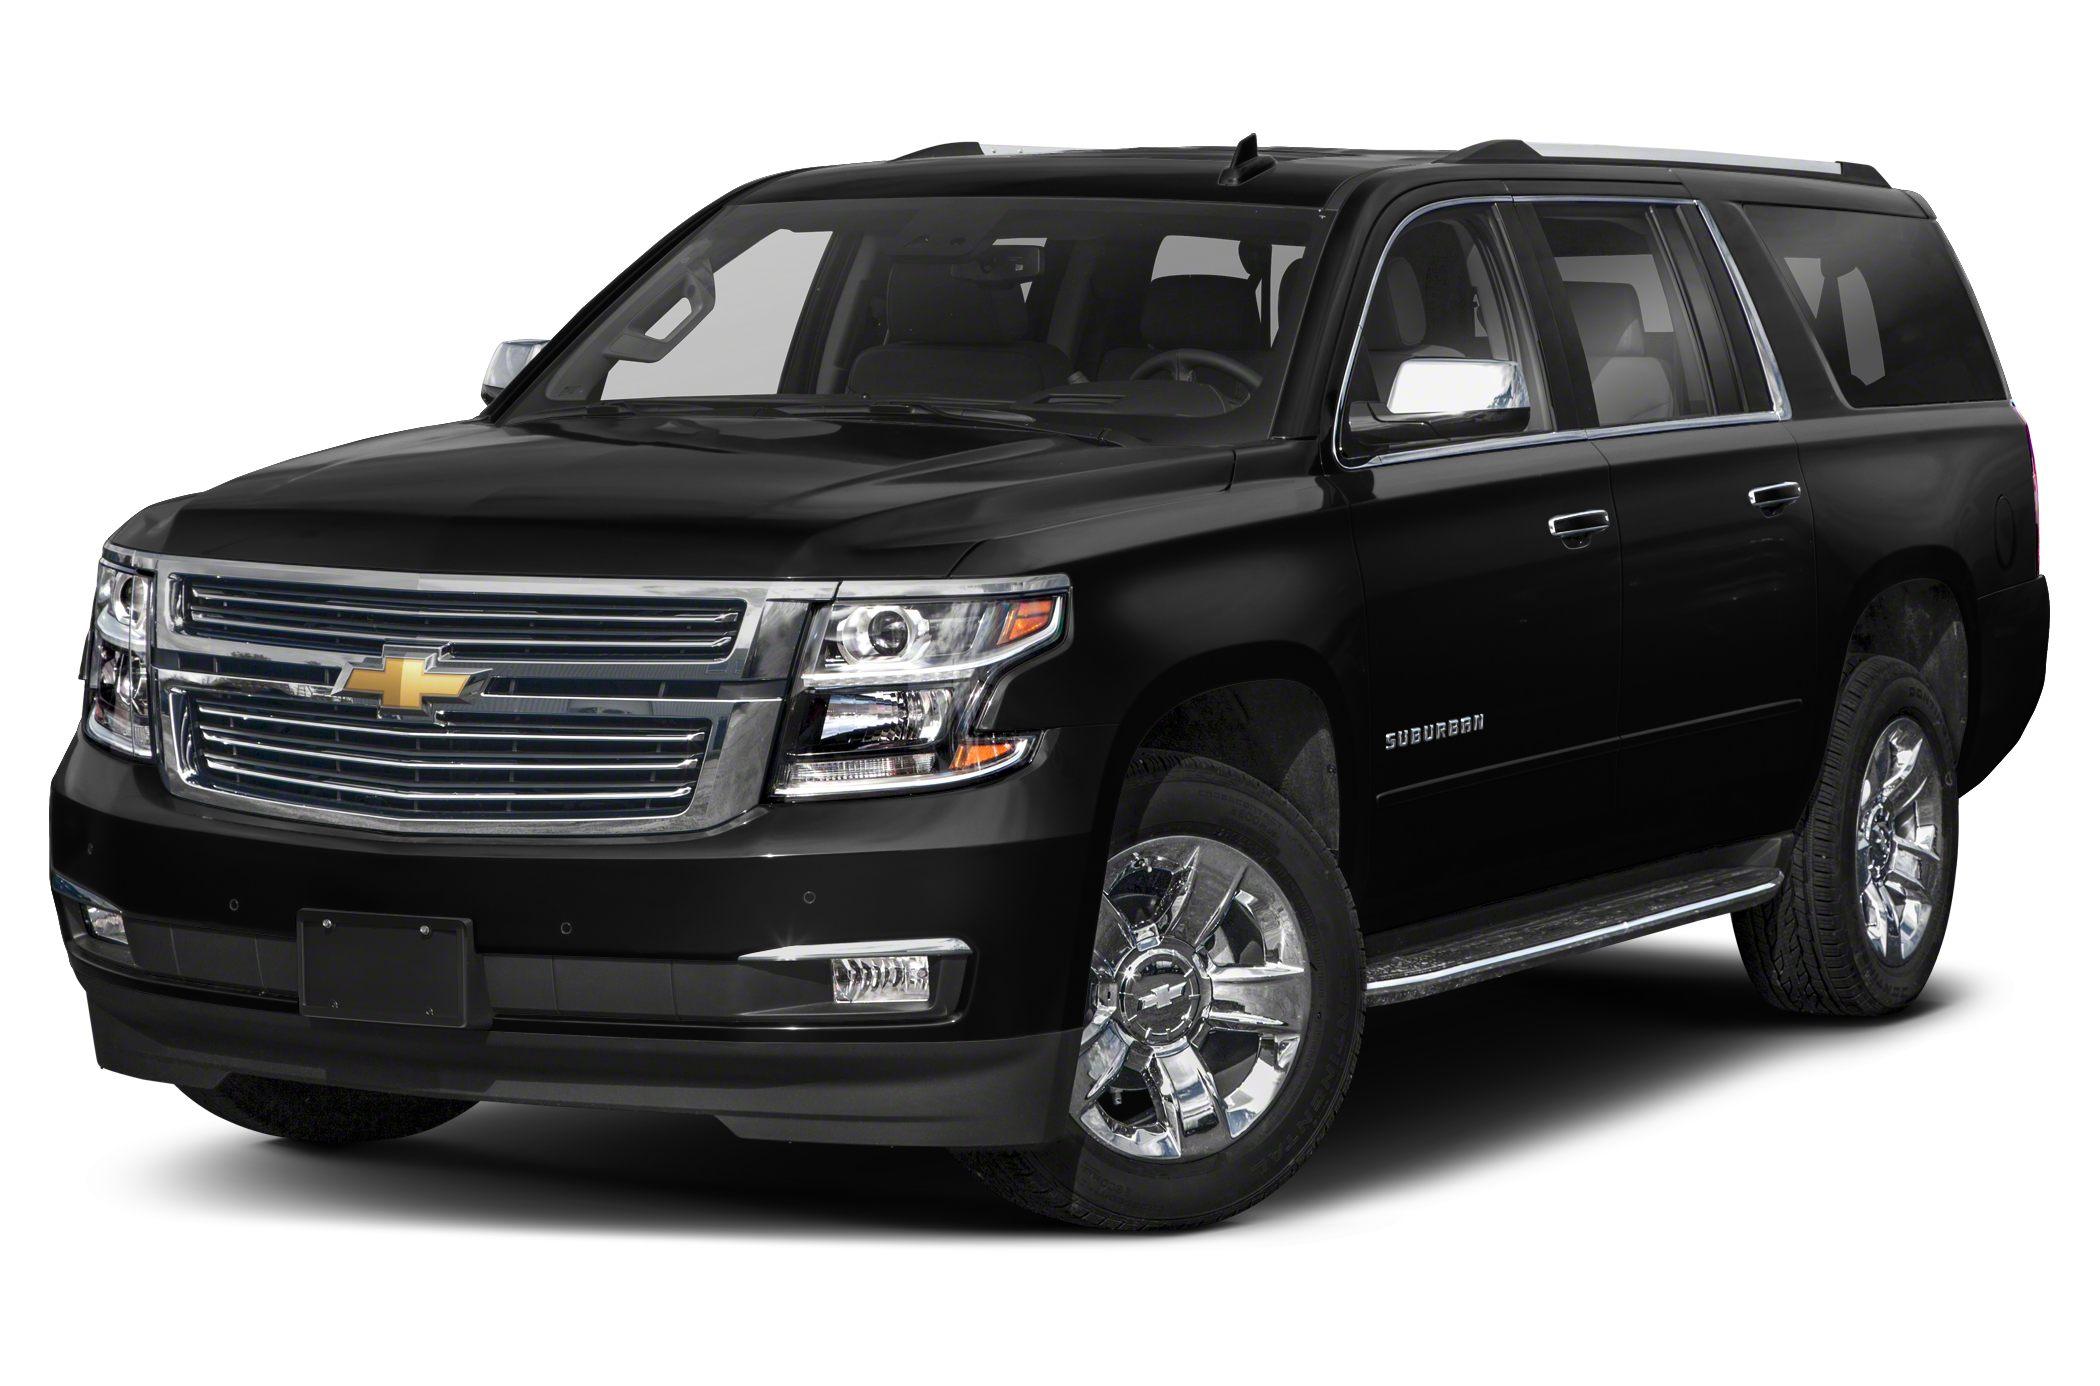 2019 Chevrolet Suburban Premier 4x4 Pictures